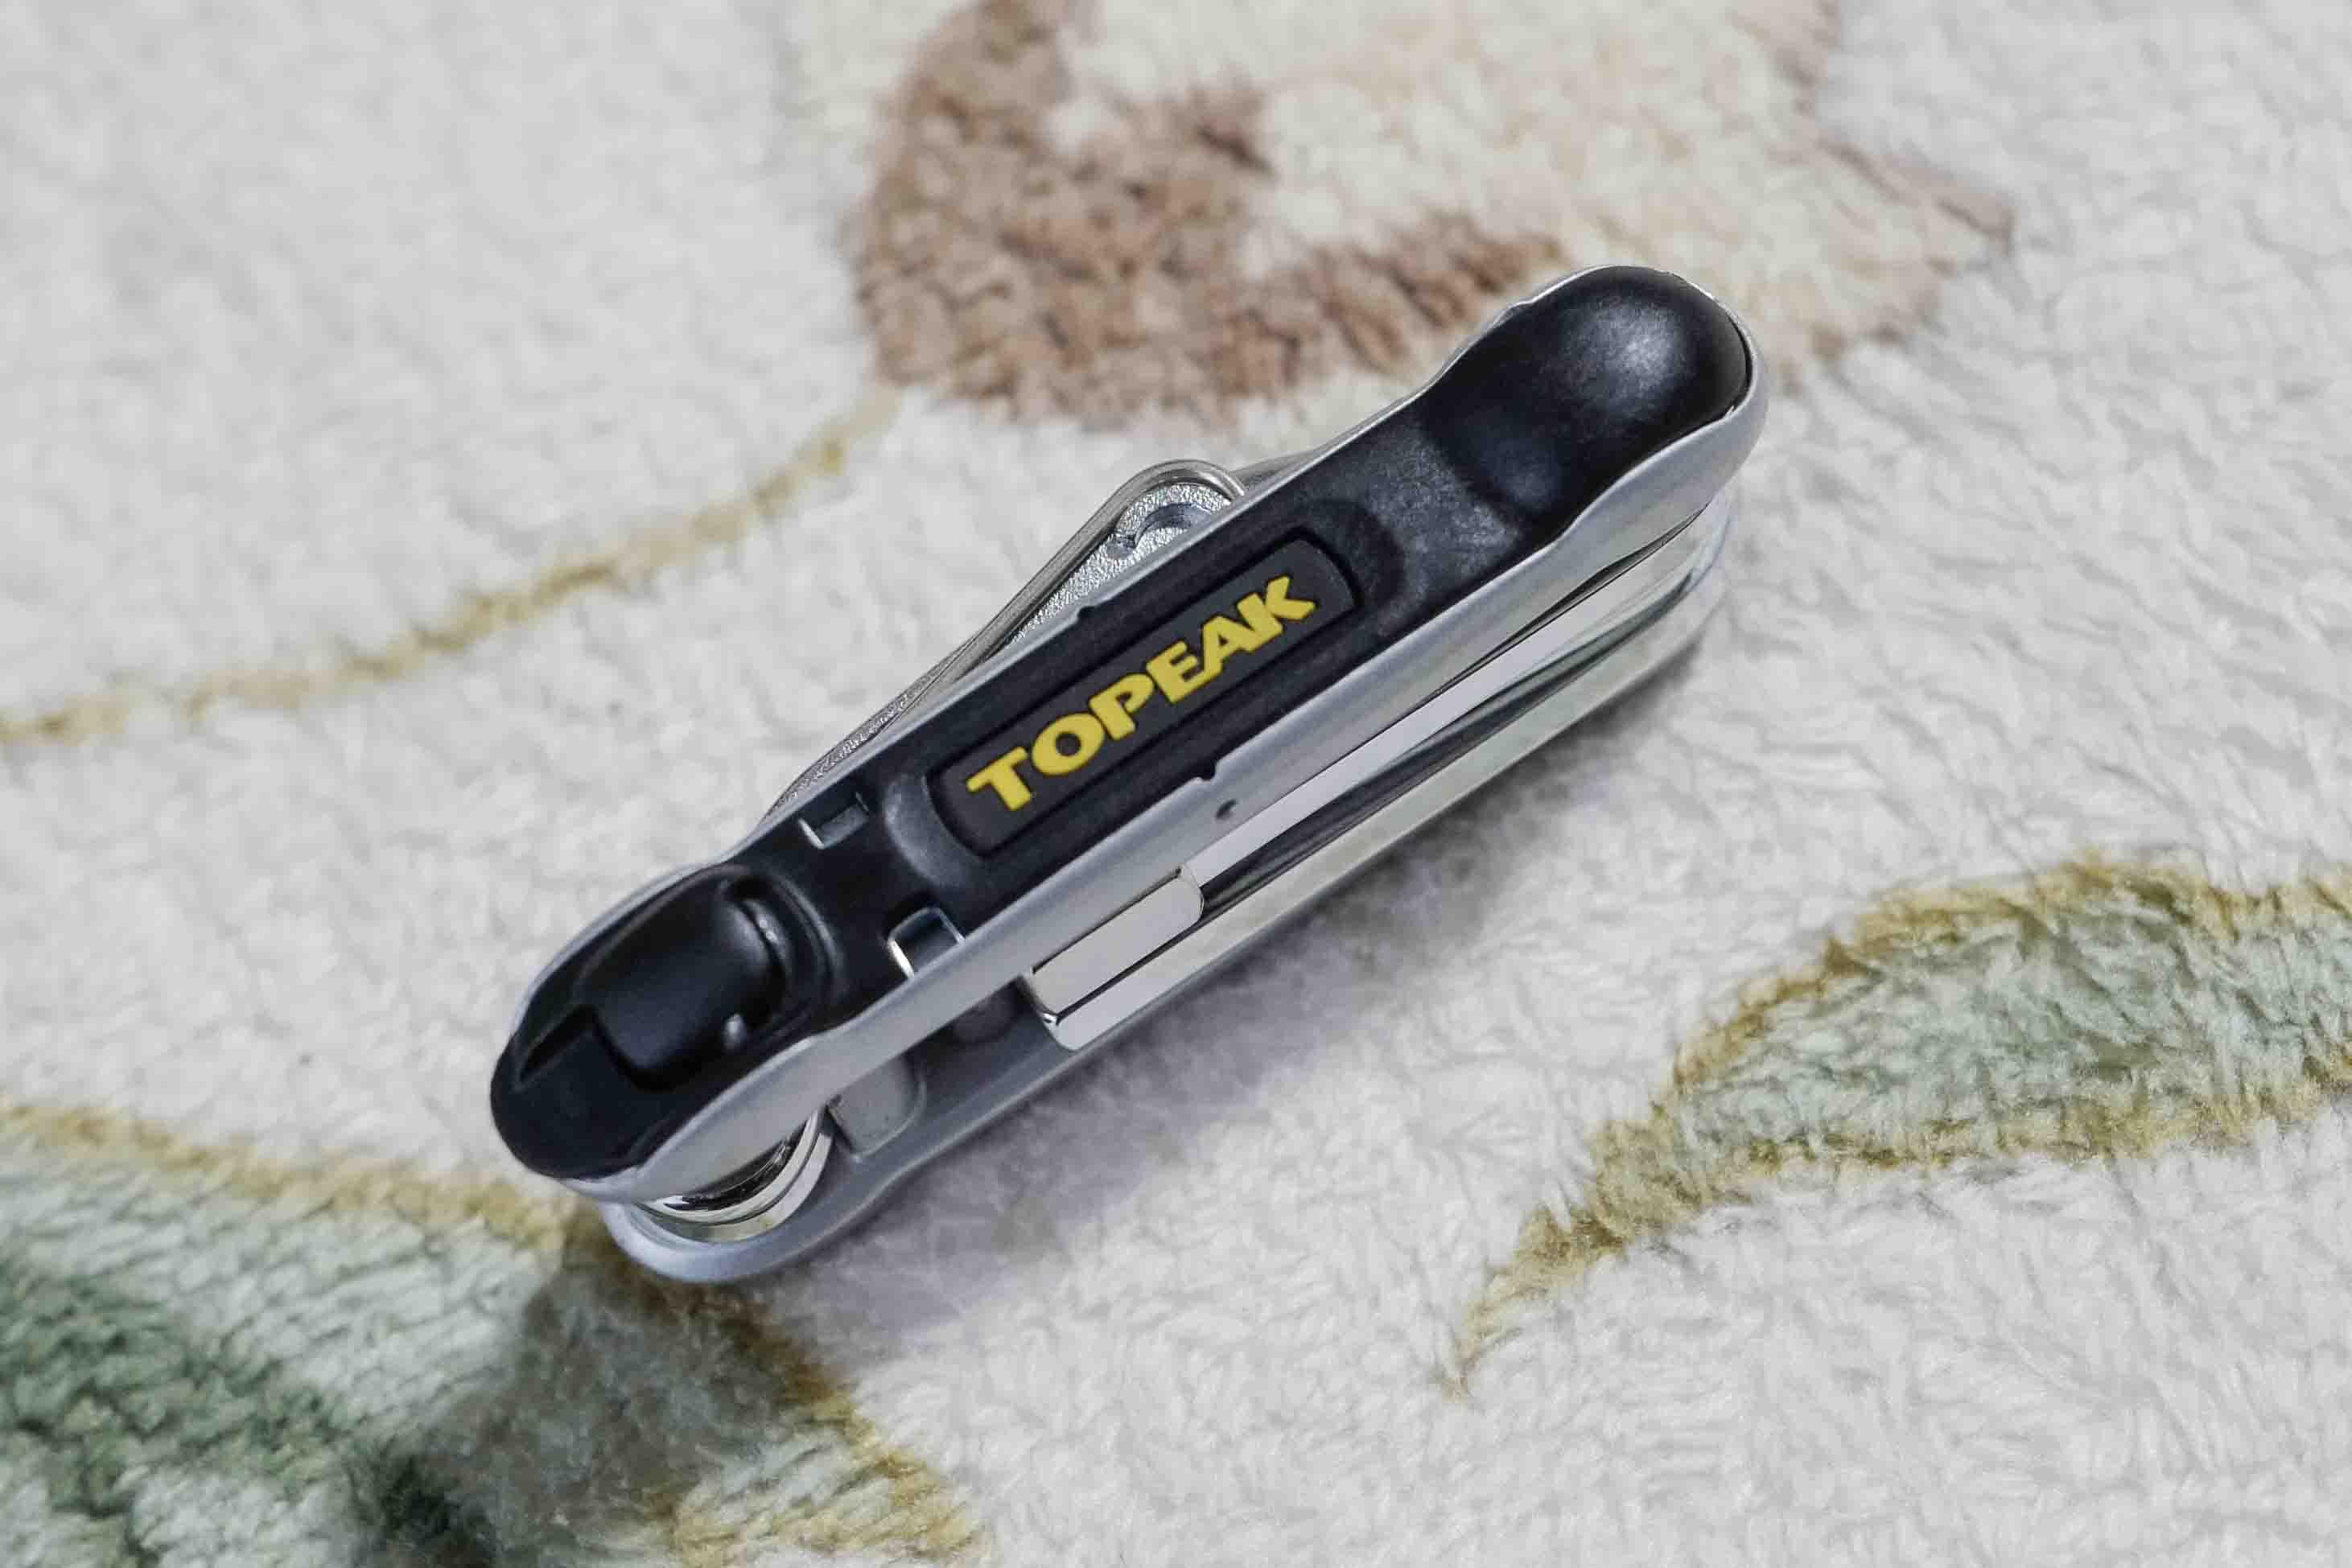 あったら安心!携帯工具はTOPEAK トピーク ツールヘキサス 2